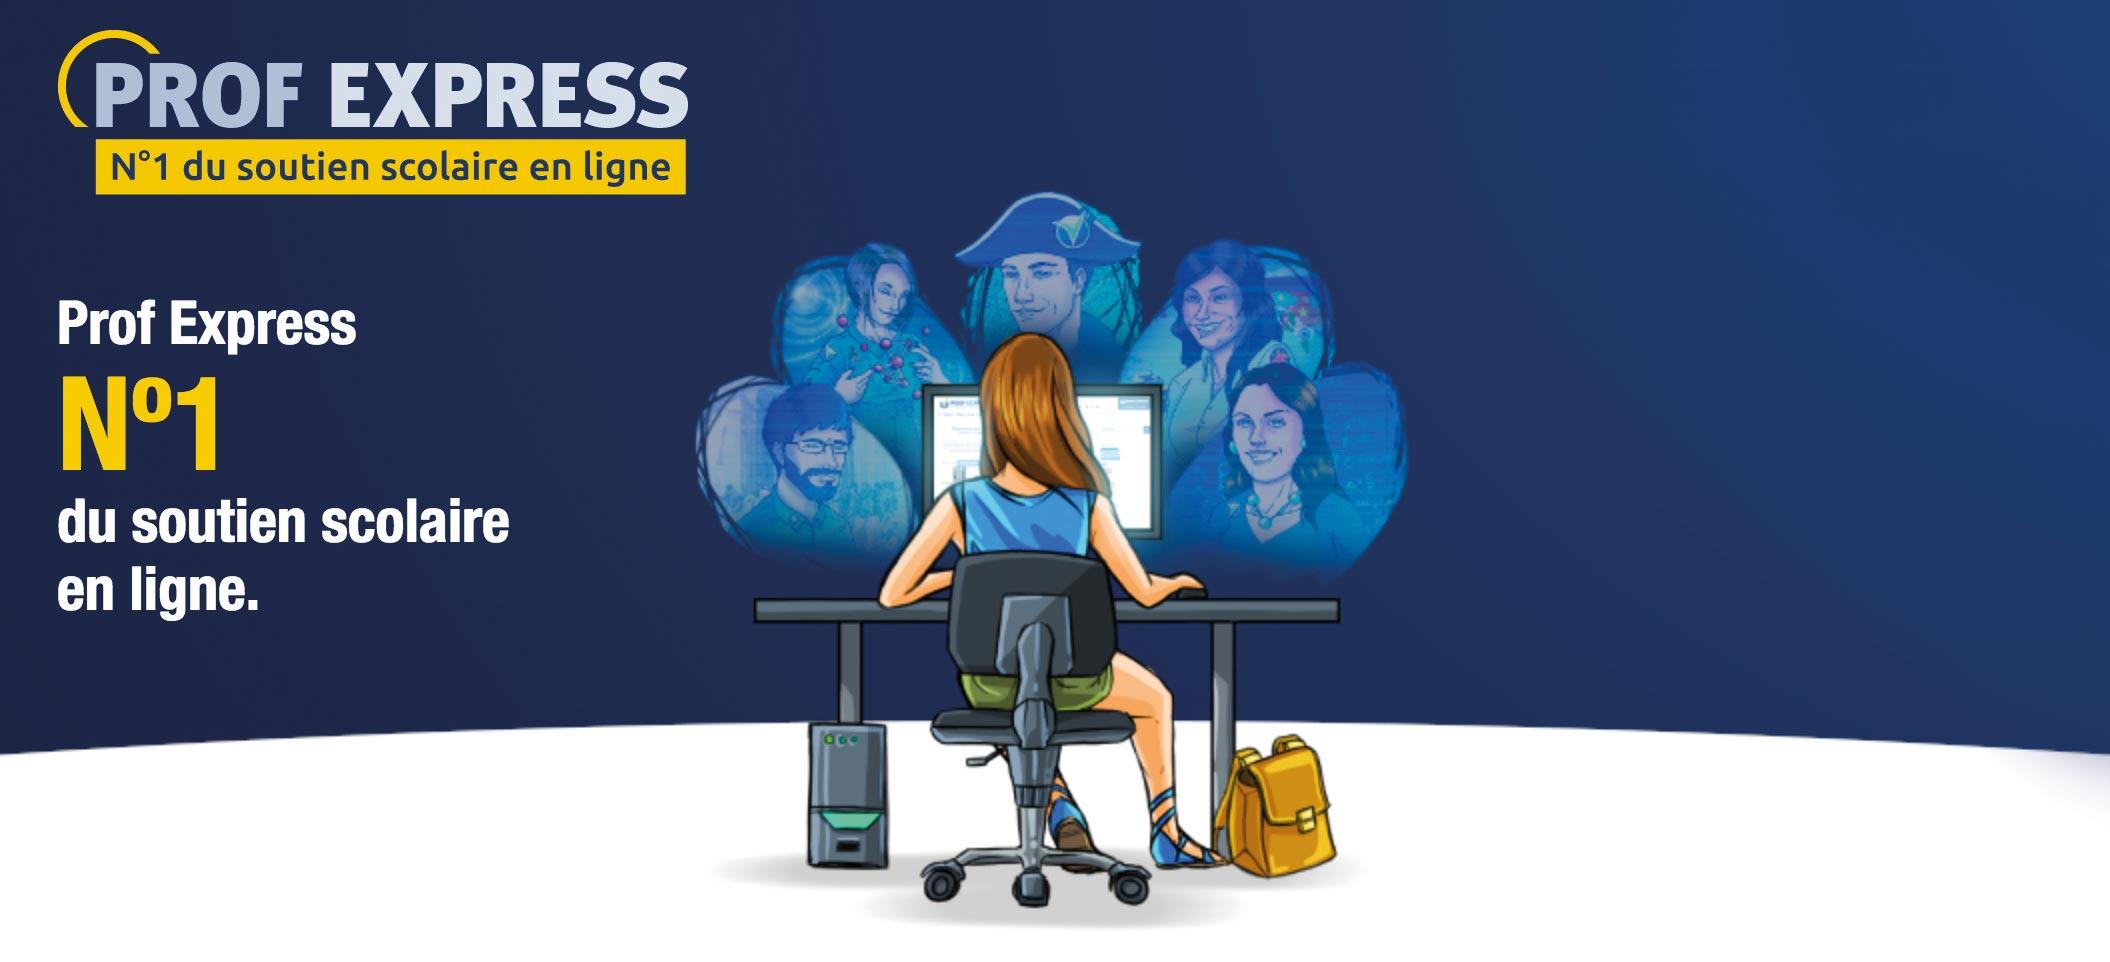 PROF EXPRESS n°1 du soutien scolaire en ligne